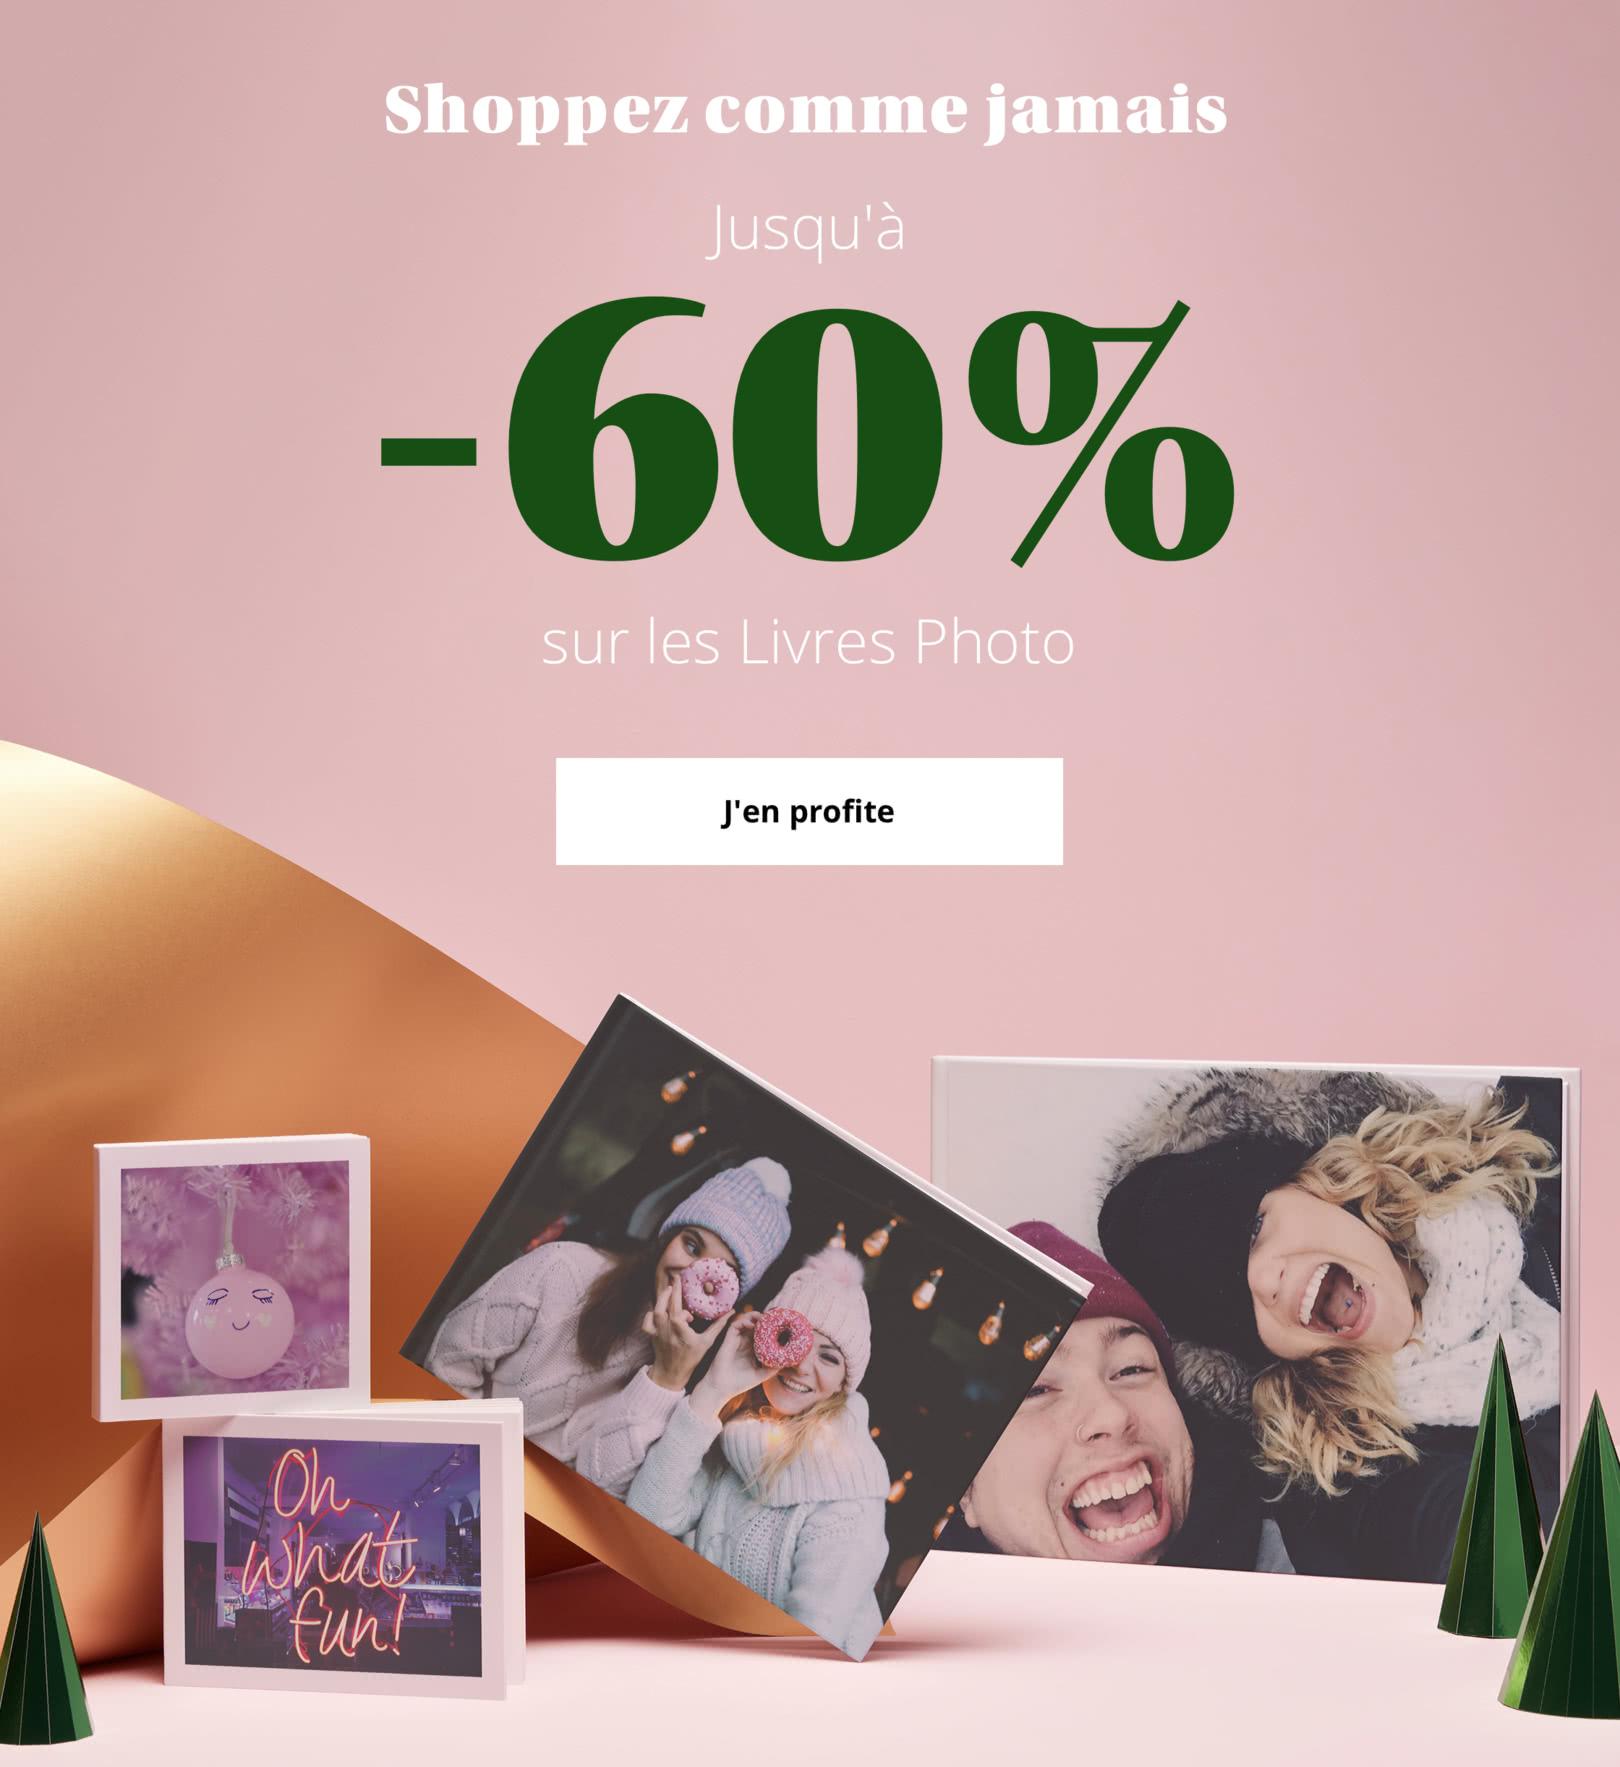 Shoppez comme jamais